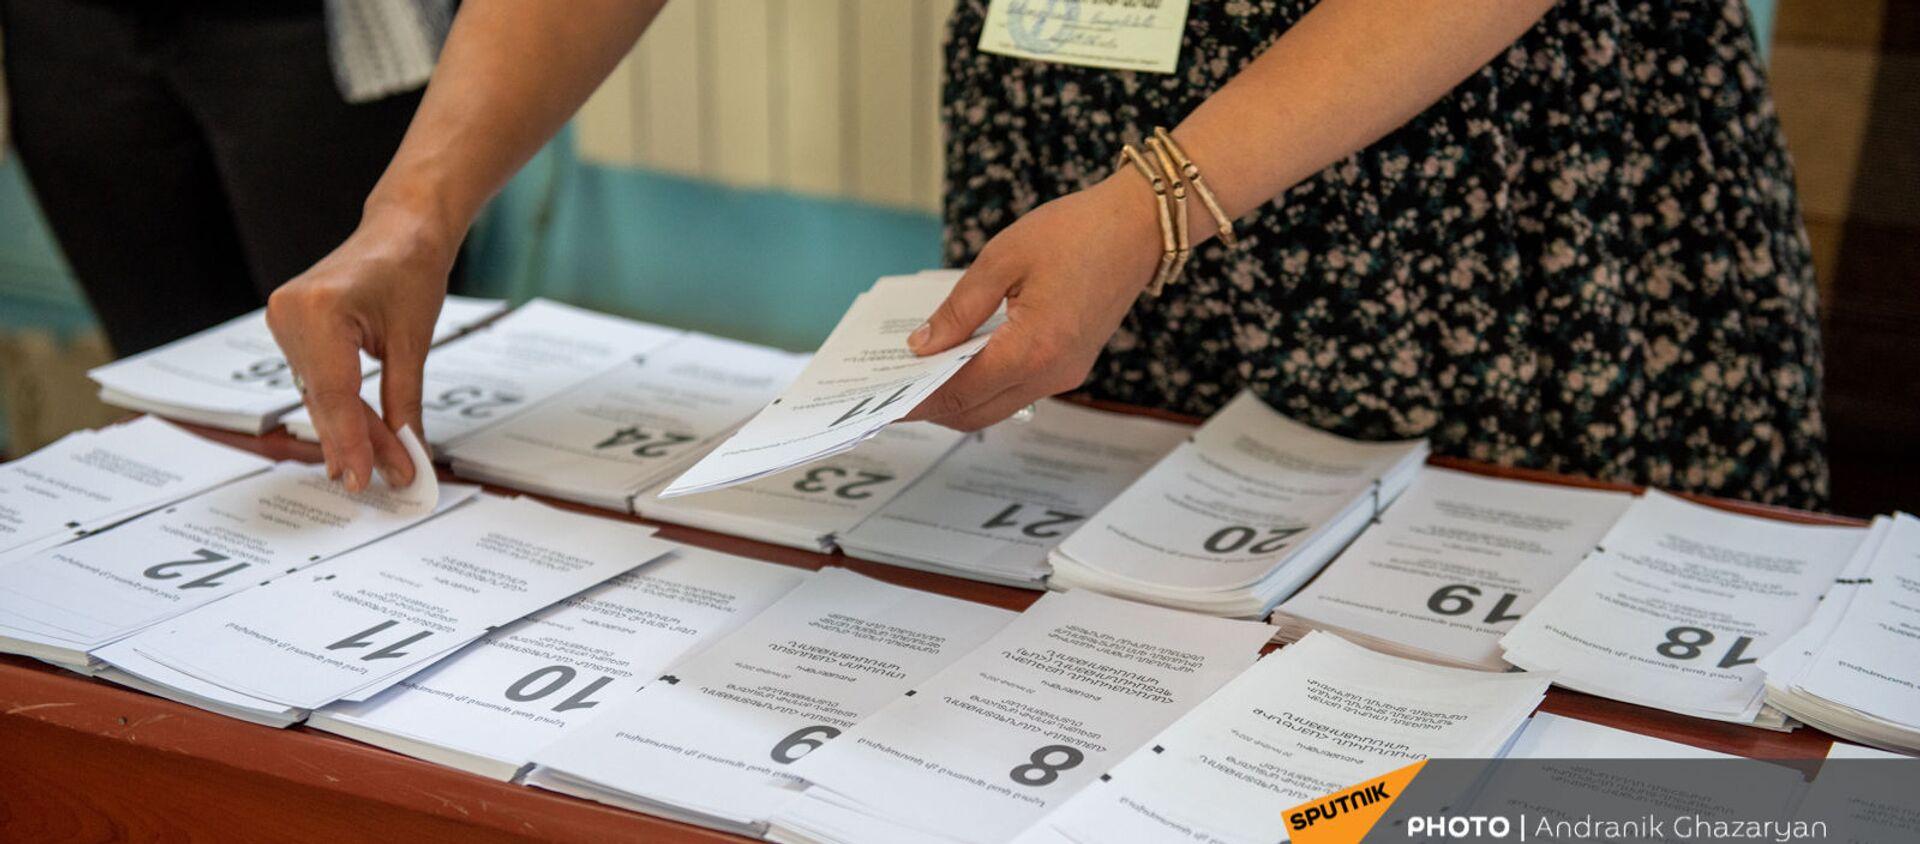 Сотрудник избирательной комиссии собирает пакет бюллетеней в избирательном участке 29/29 (20 июня 2021). Ариндж - Sputnik Արմենիա, 1920, 22.06.2021